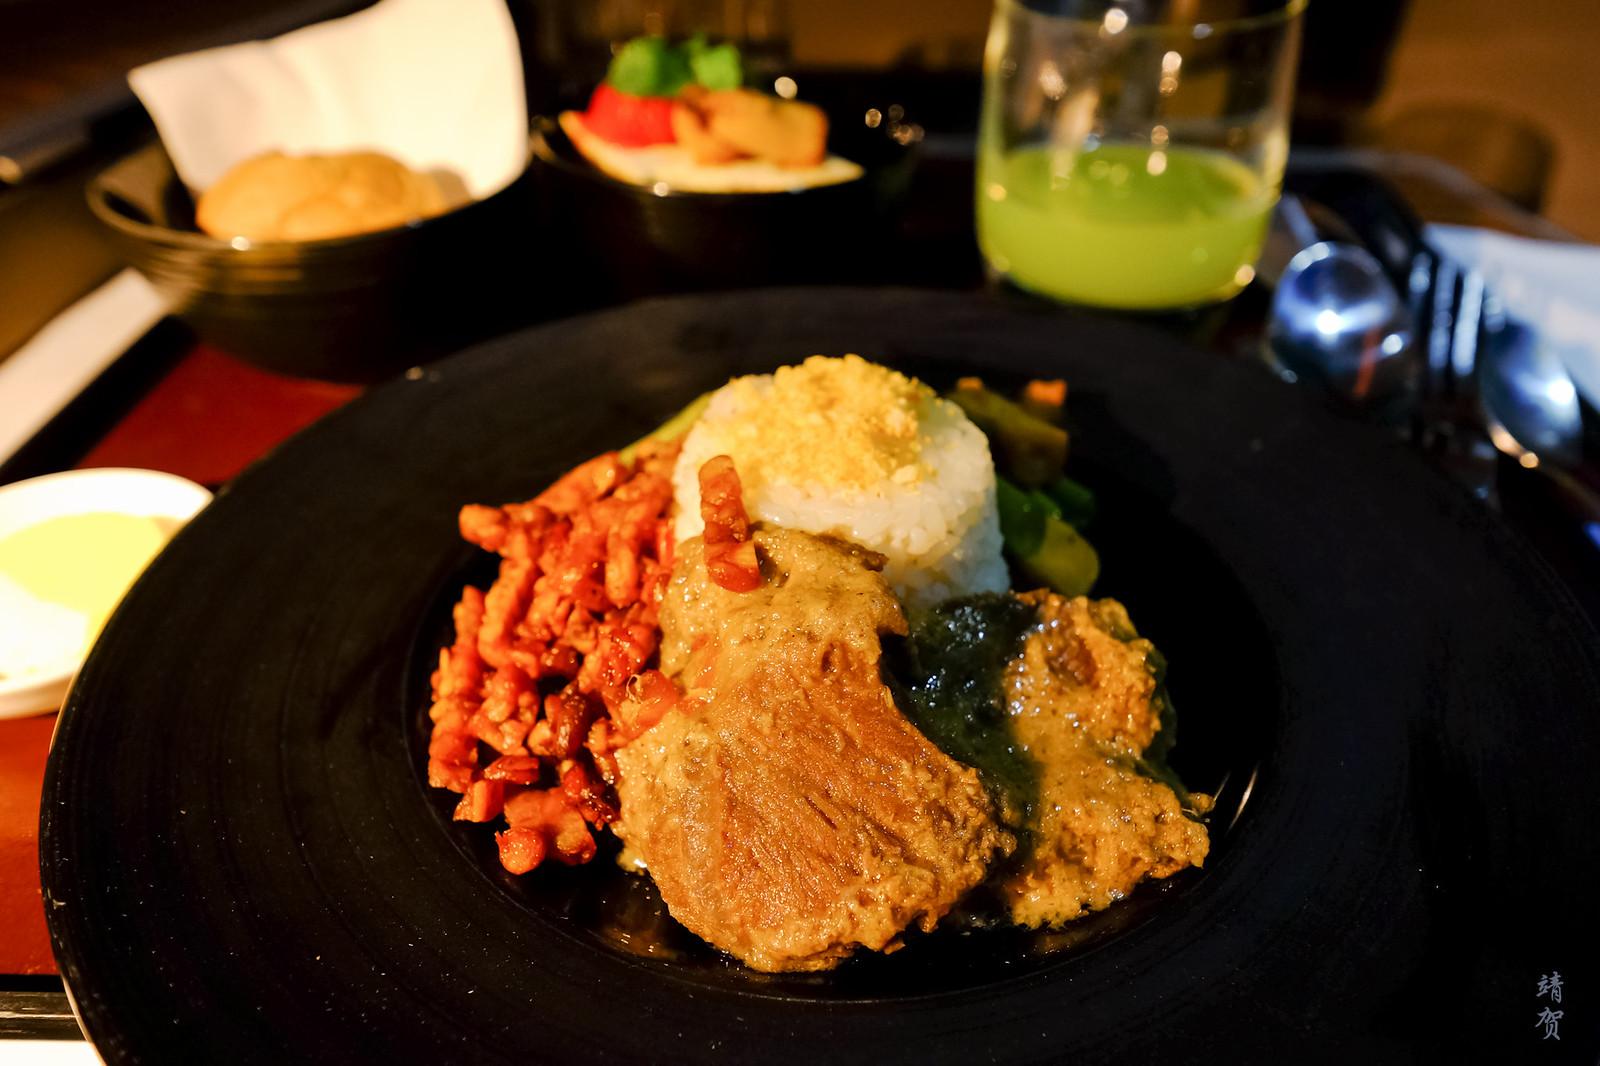 Nasi uduk inflight meal